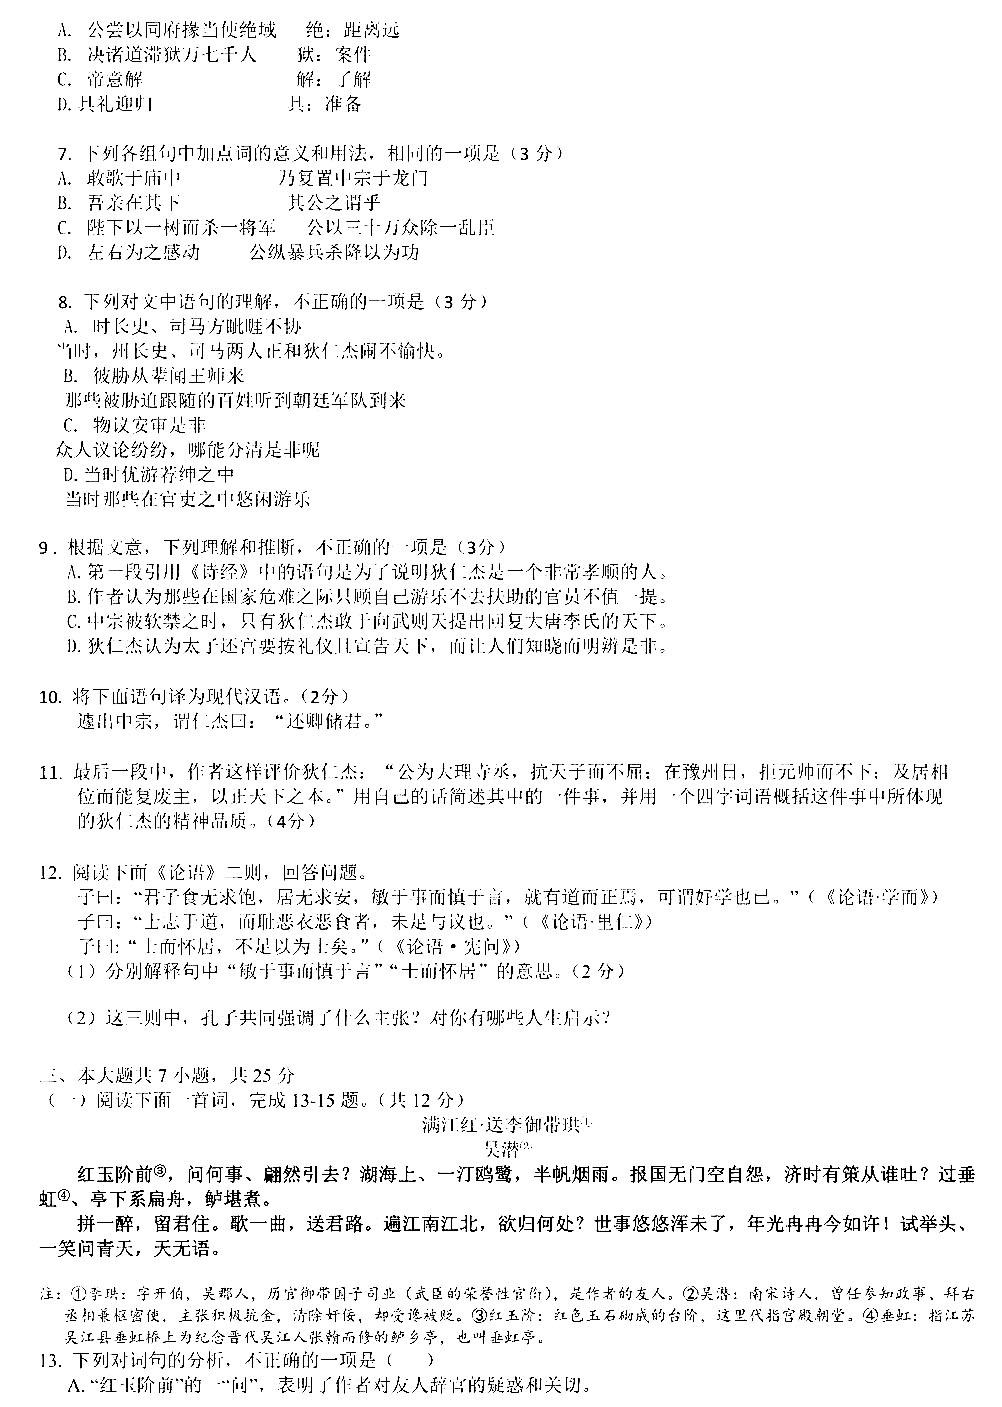 北京十一学校2021高三开学考语文试题及答案图3